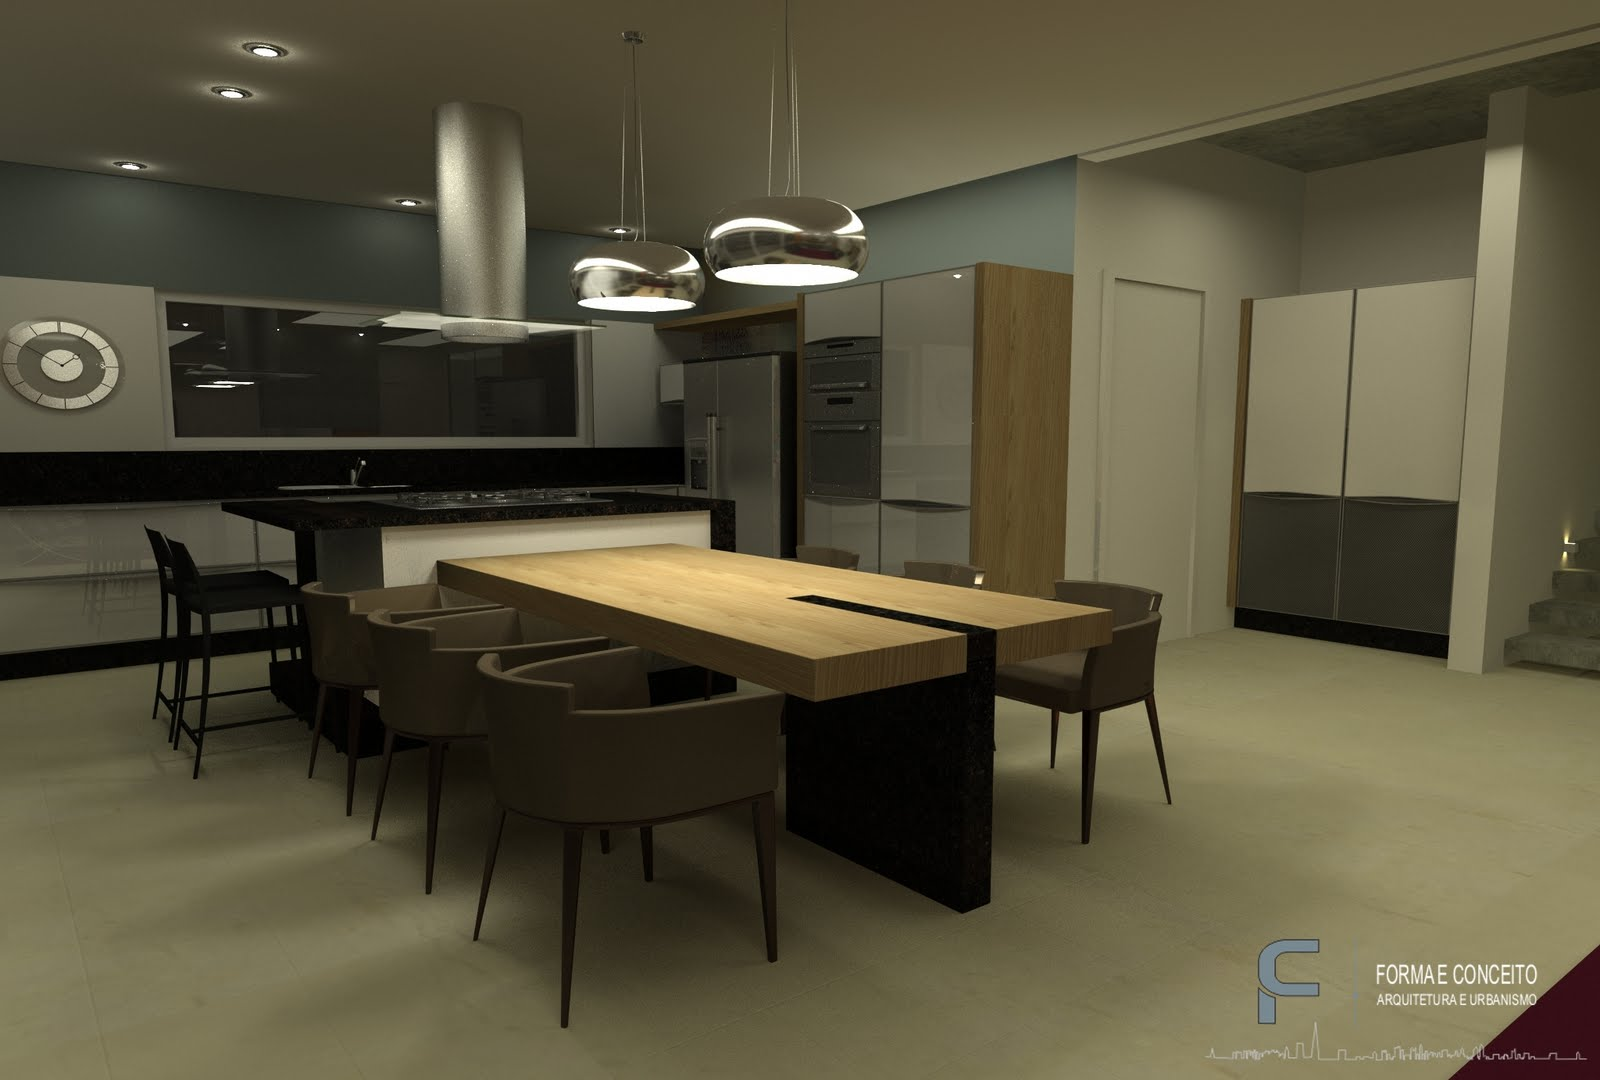 FORMA E CONCEITO ARQUITETURA: Projeto de interiores para residência  #90763B 1600 1080